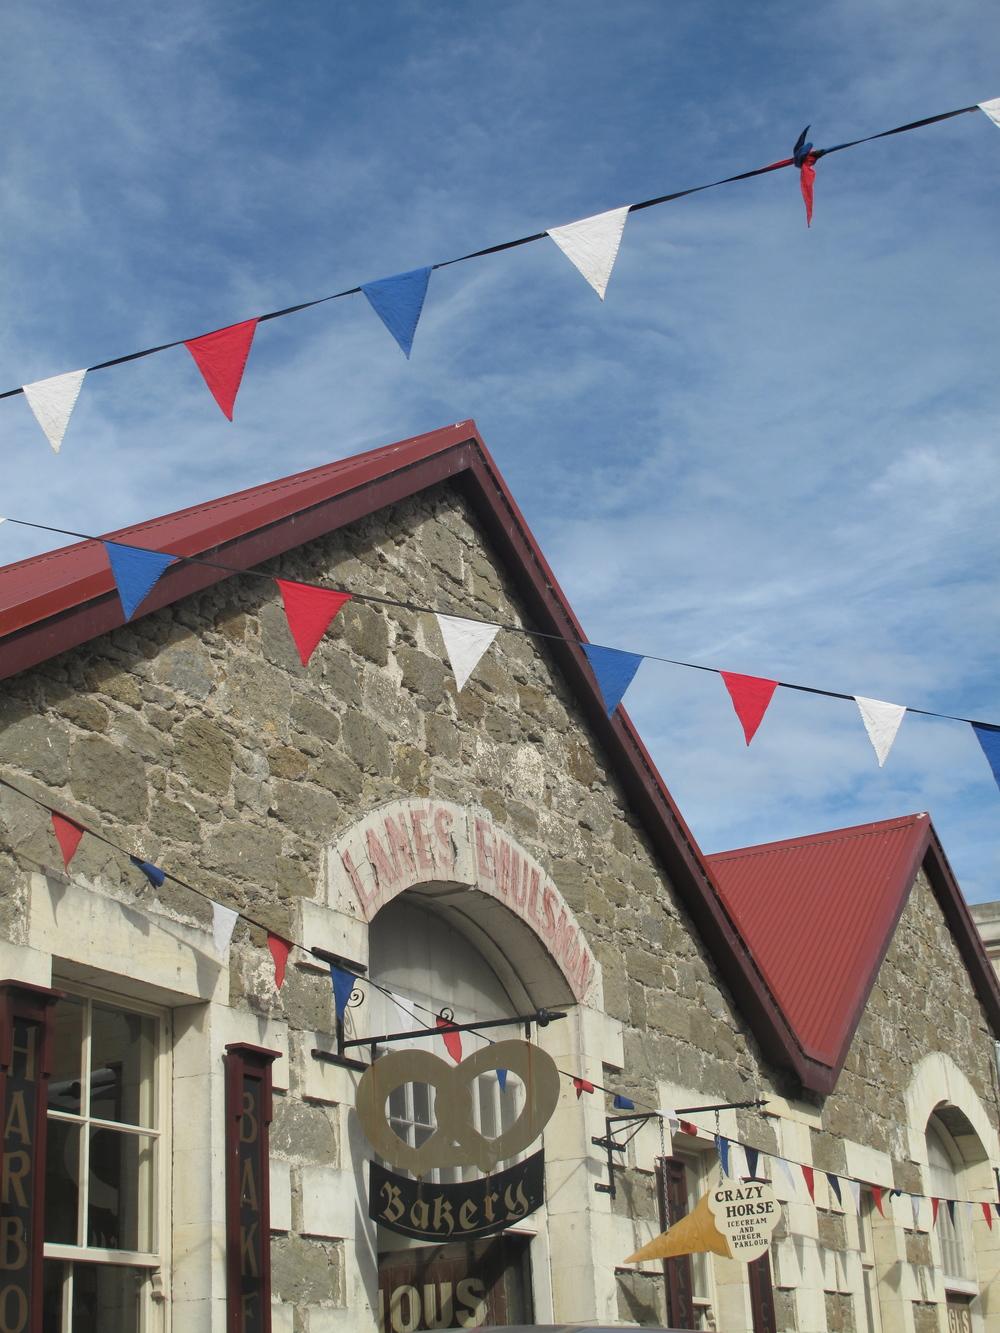 Oamaru garlands of flags